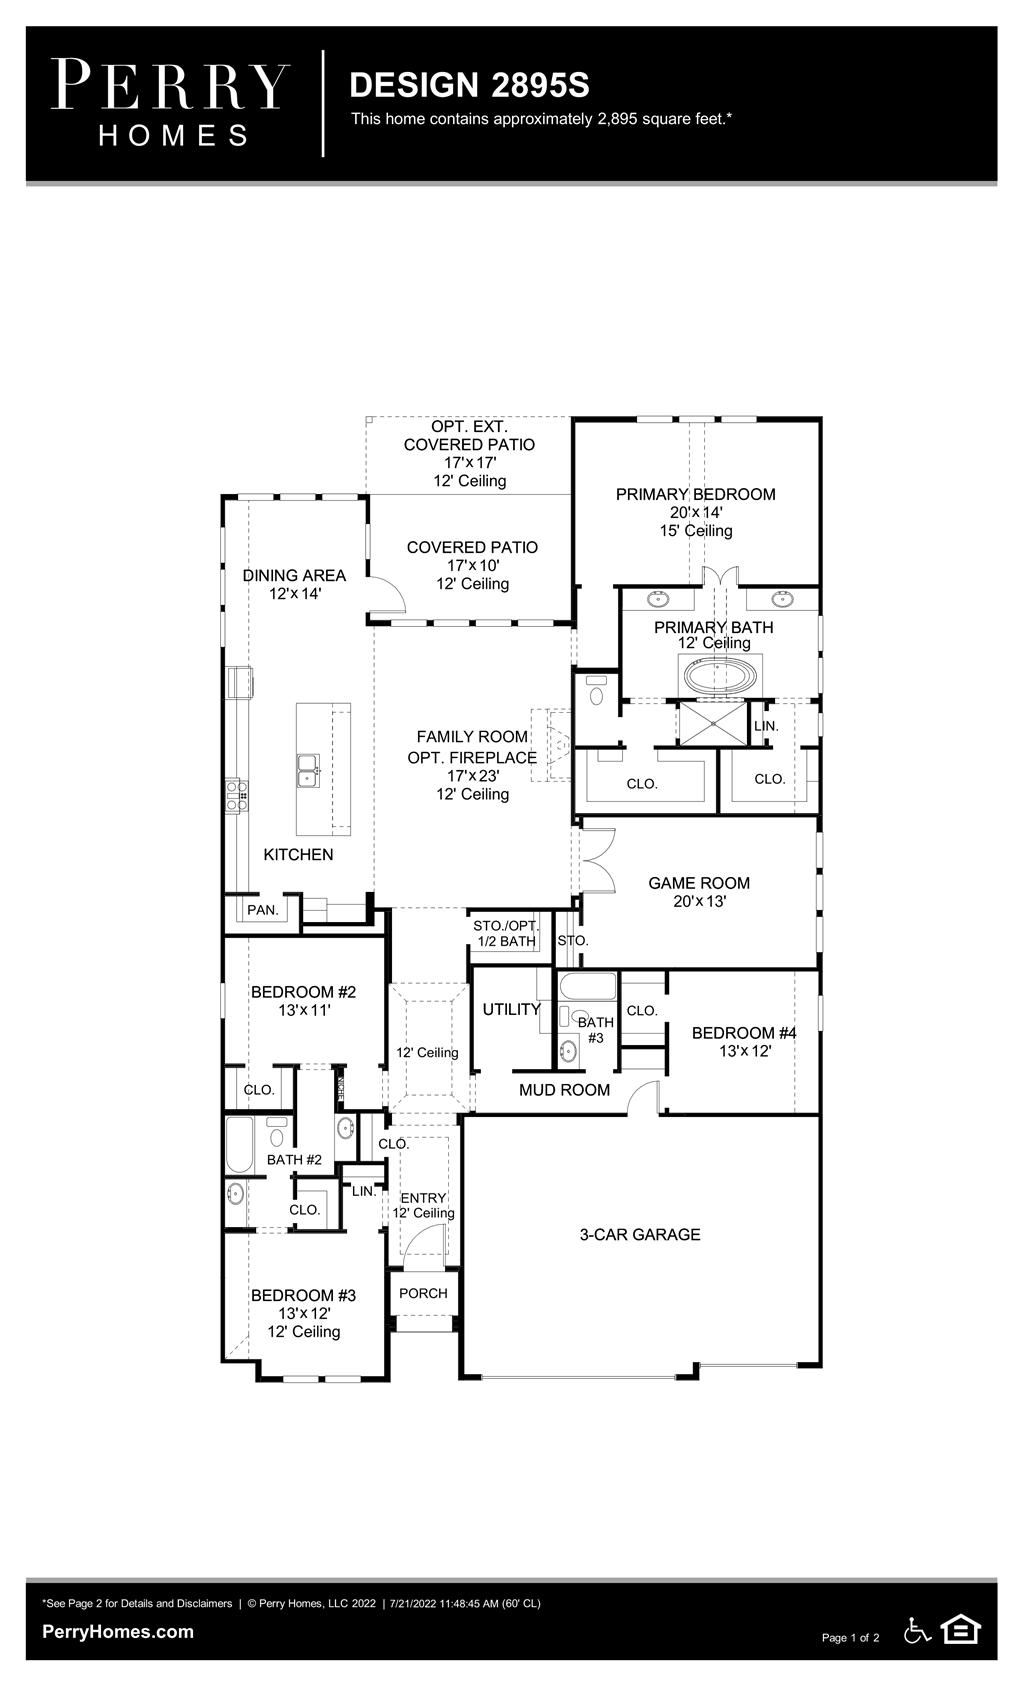 Floor Plan for 2895S